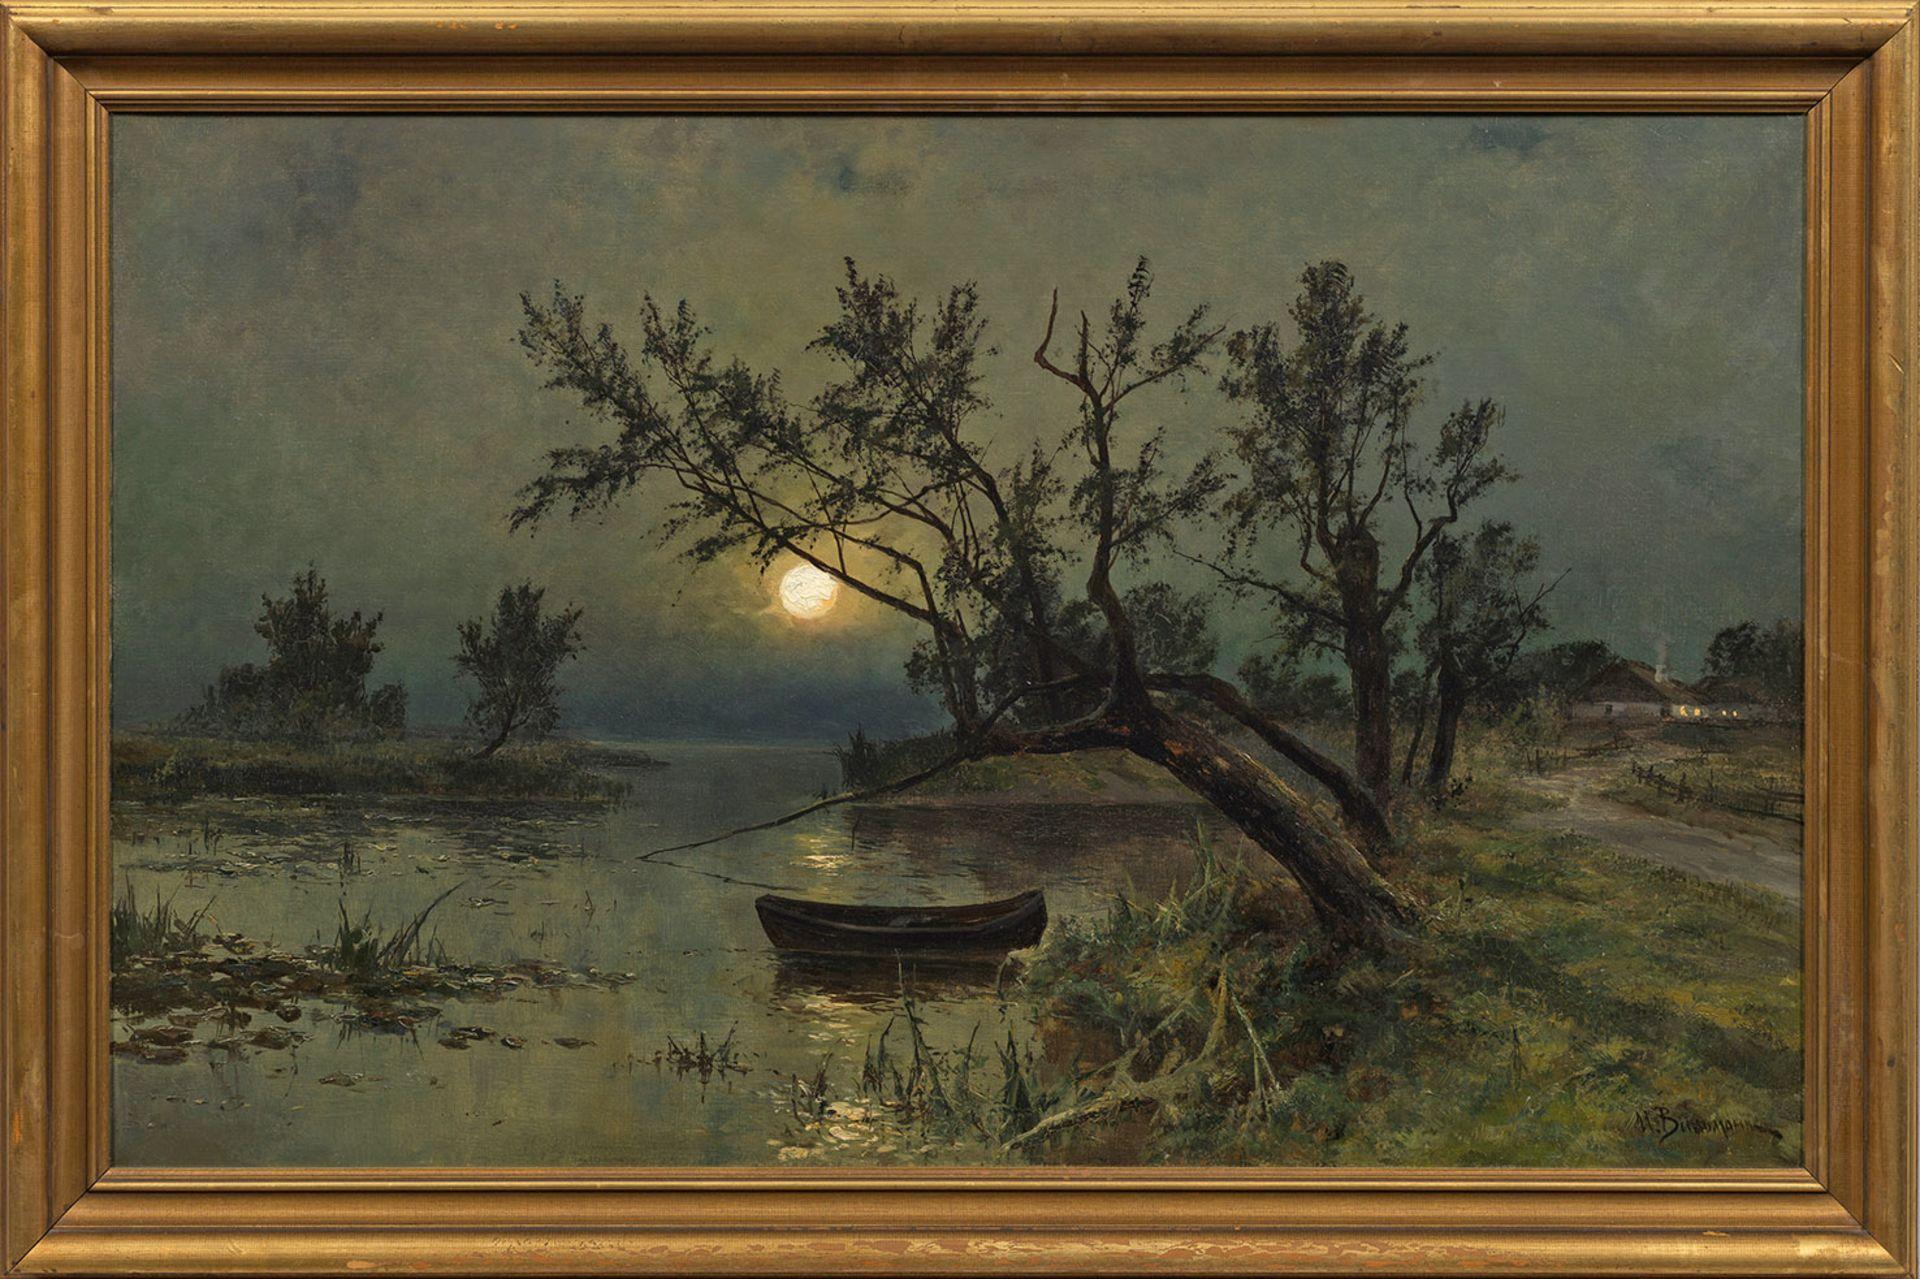 I. Vilmanis